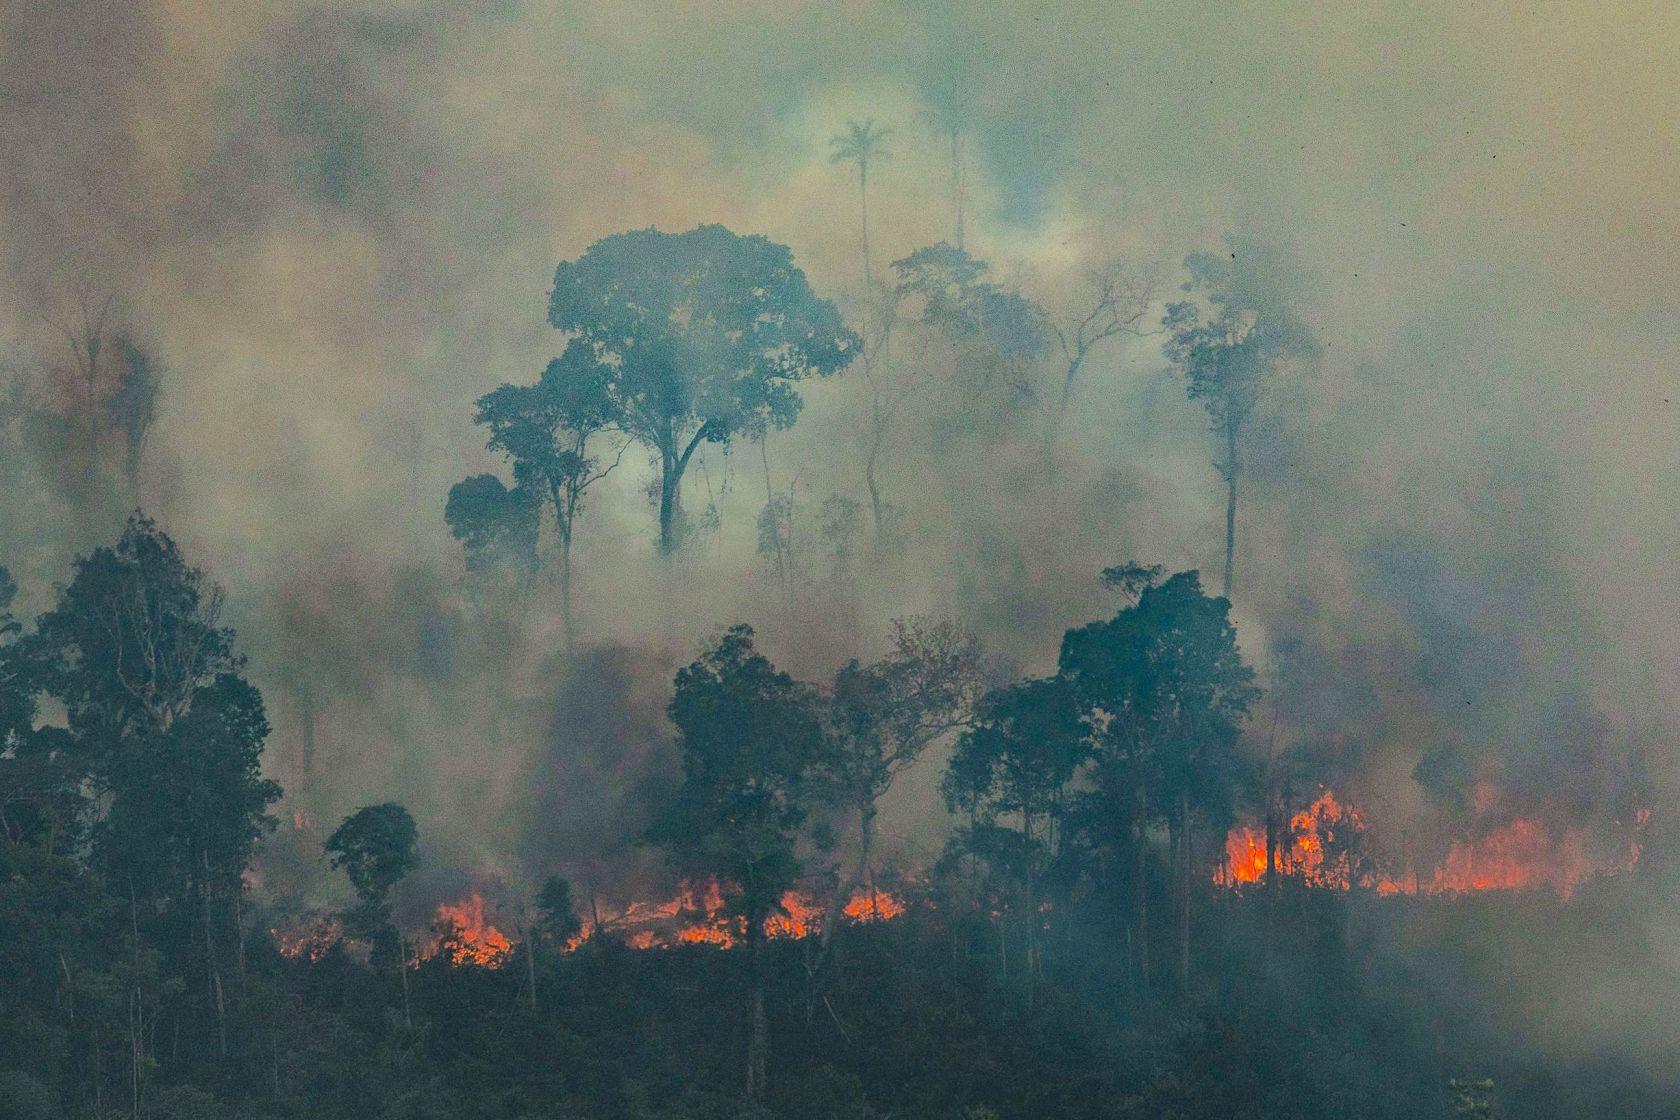 Ağaçlar cayır cayır yanarken